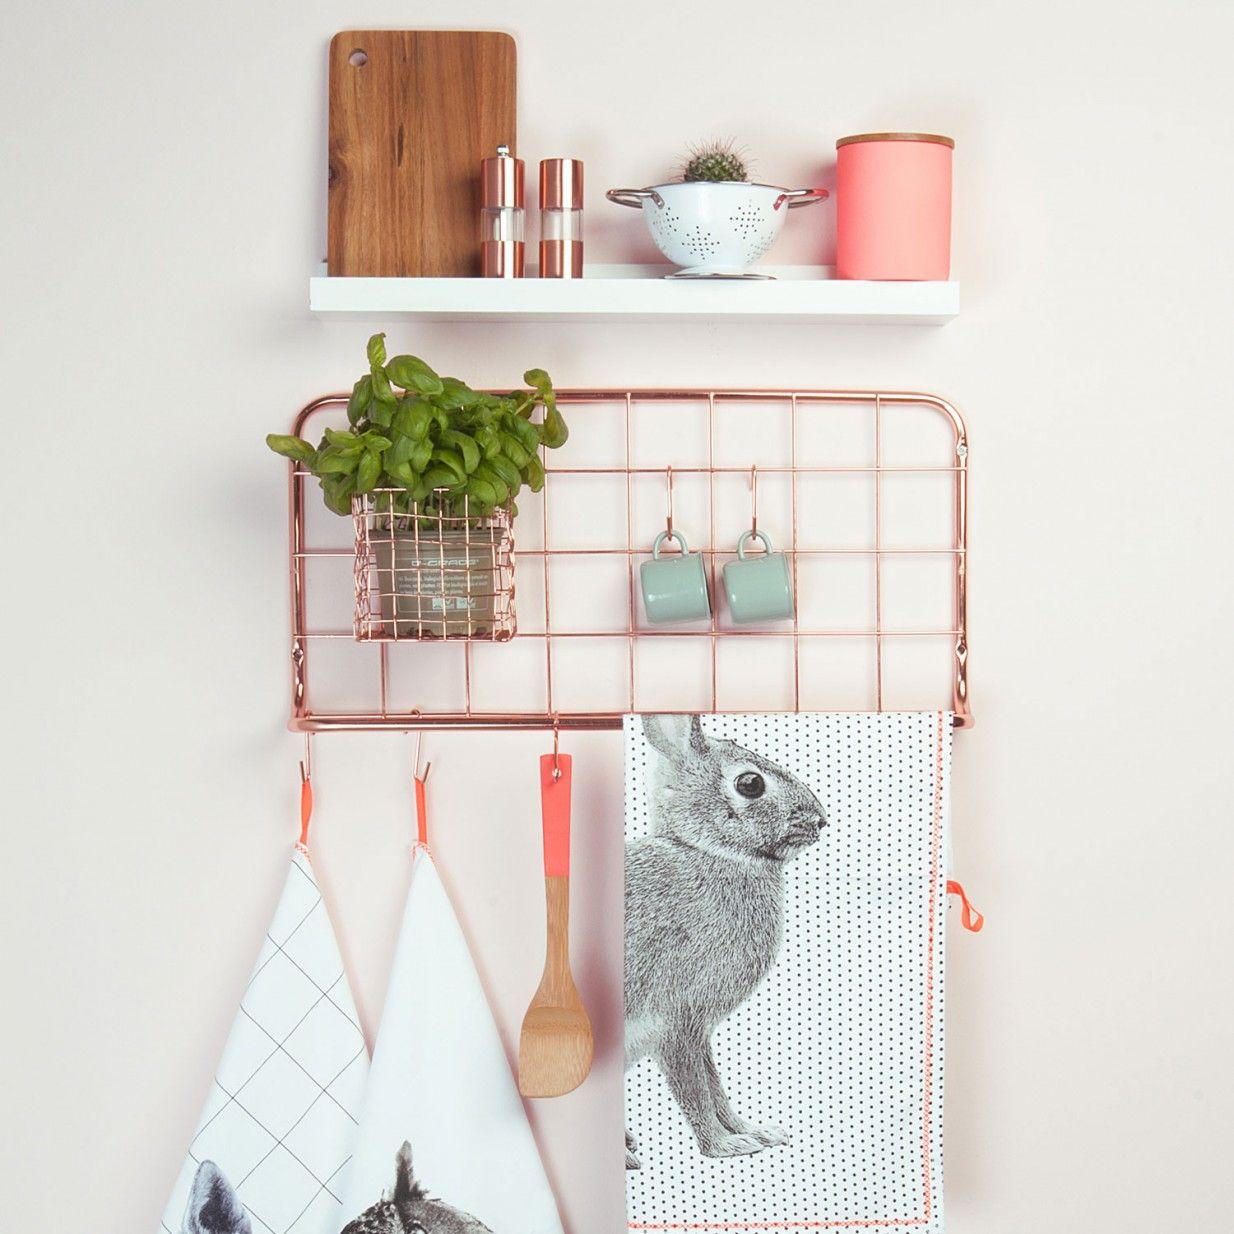 Schön Küchengerät Pakete Kanada Bilder   Ideen Für Die Küche .